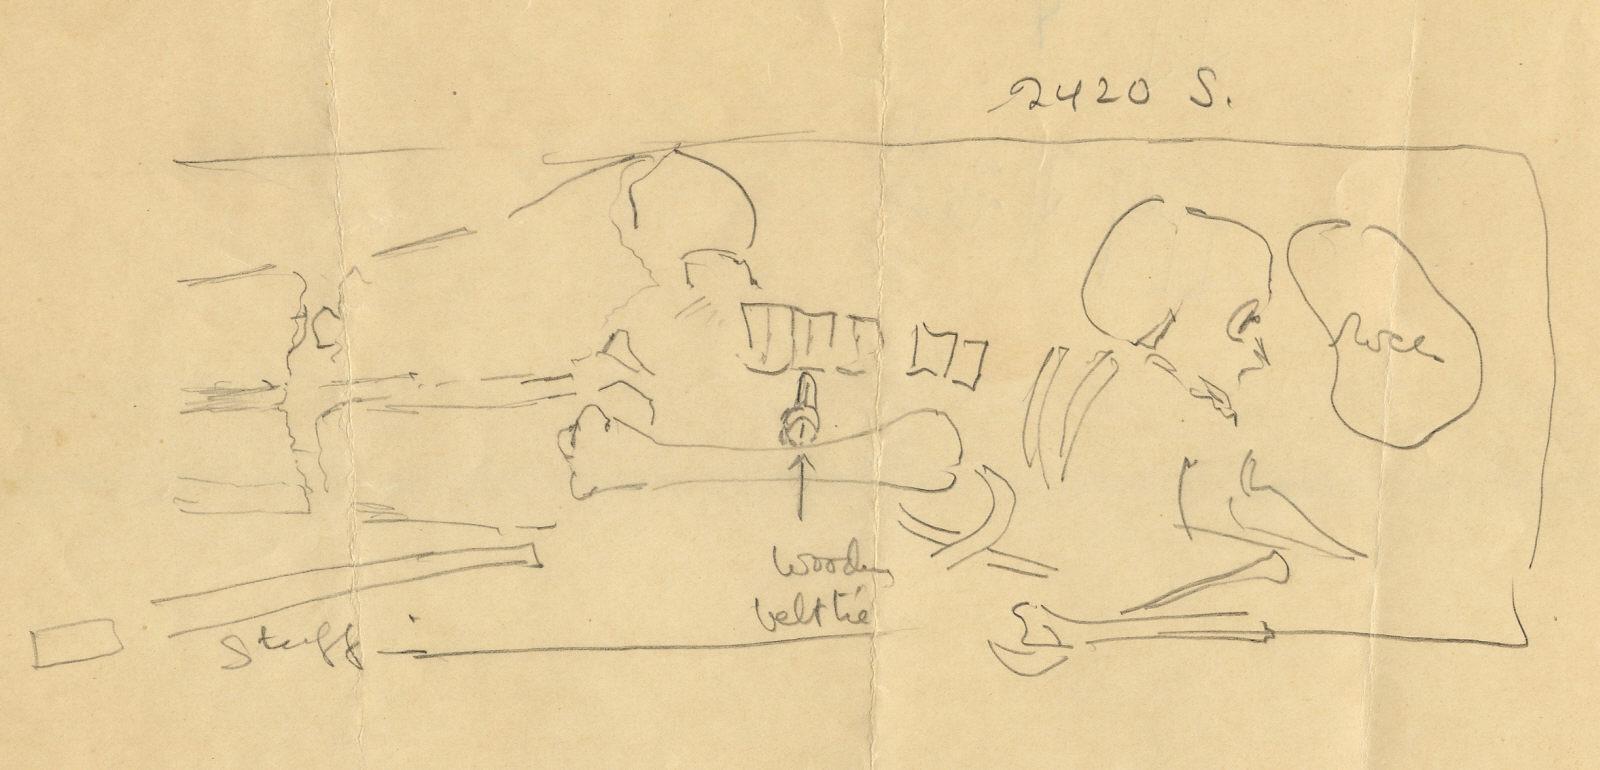 Drawings: G 2420, Shaft S, Sketch plan of burial